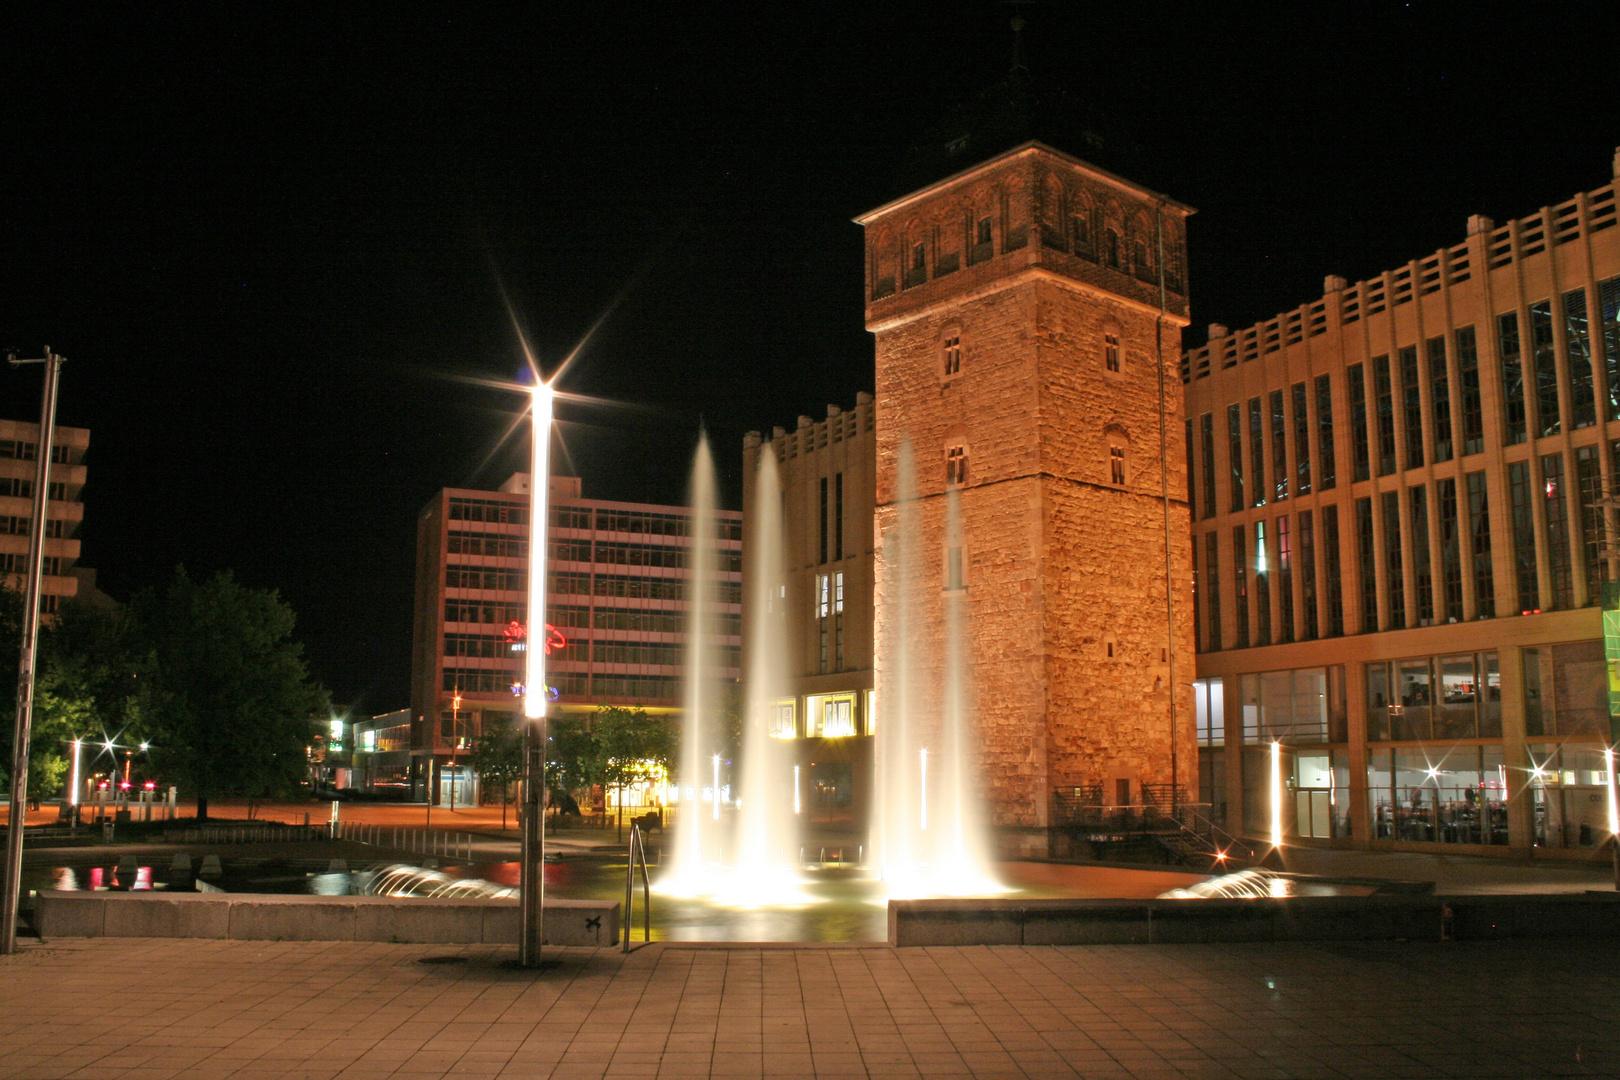 Roter Turm in Chemnitz